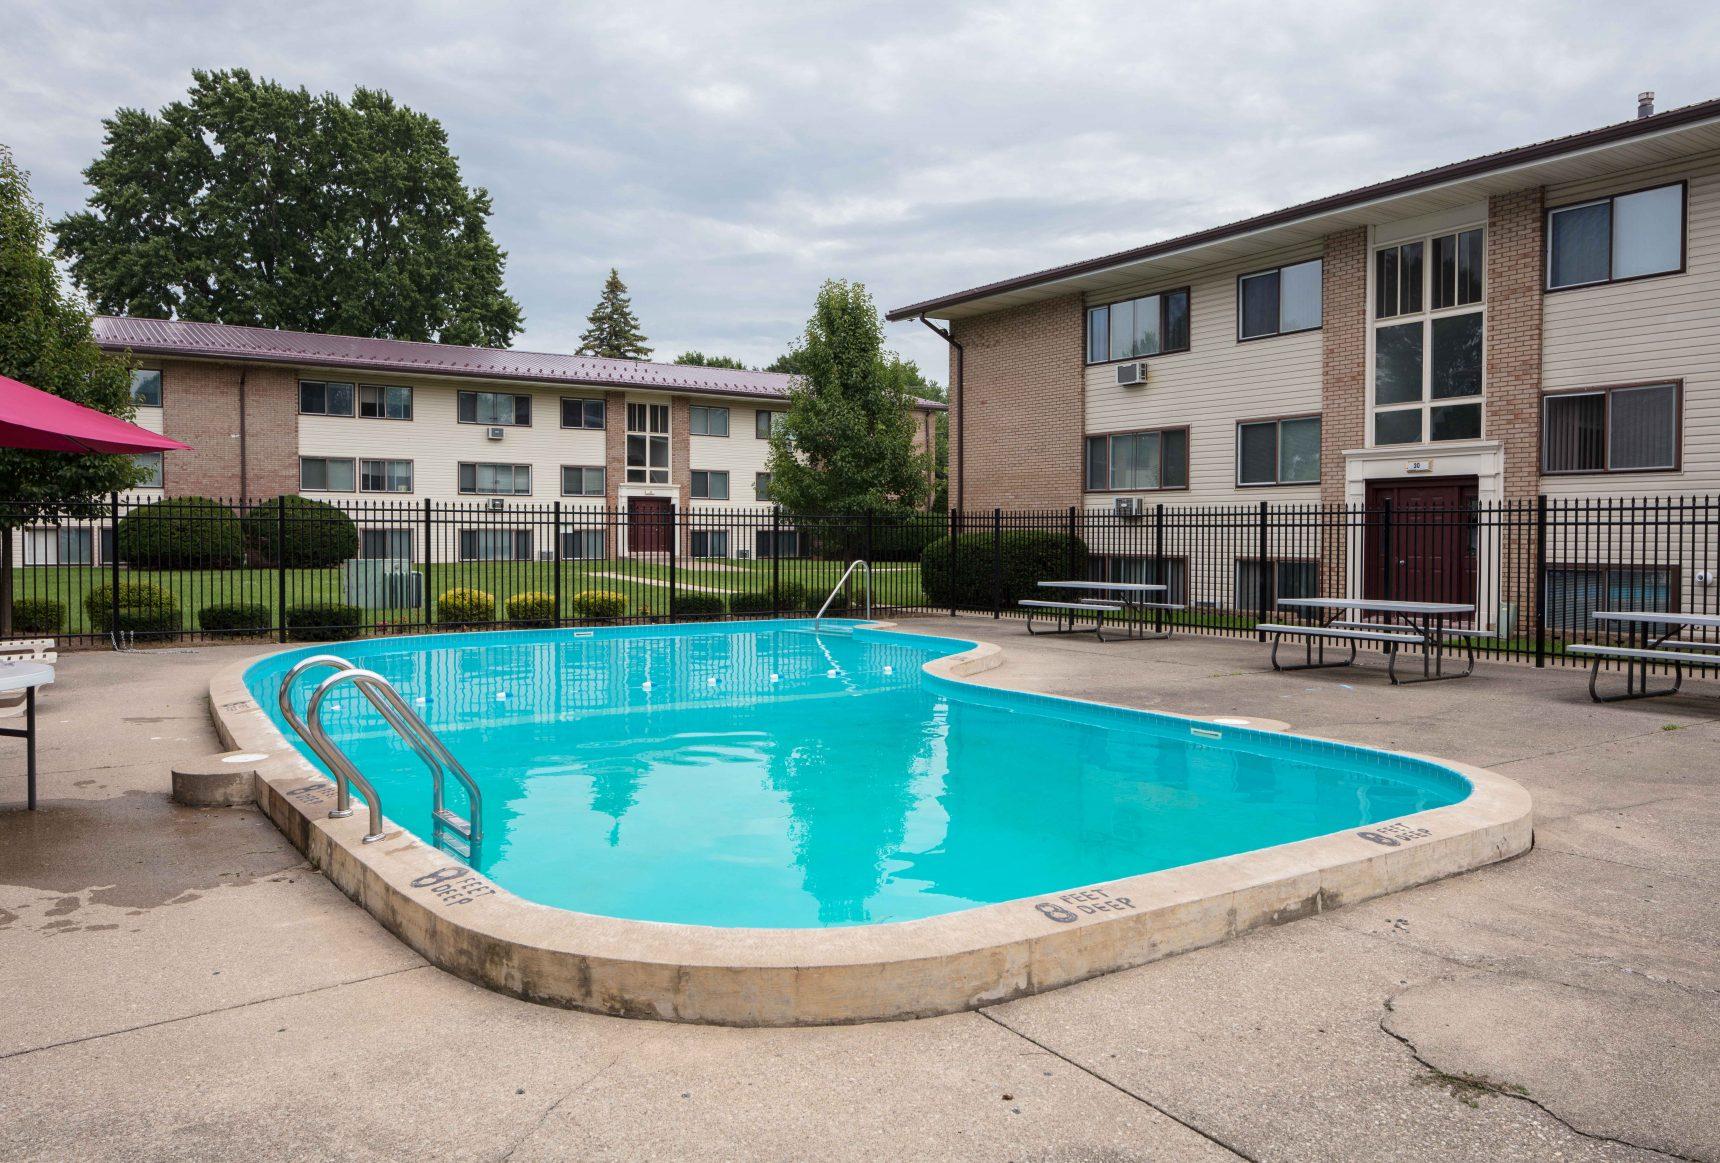 Apartments In Gates Chili Ny